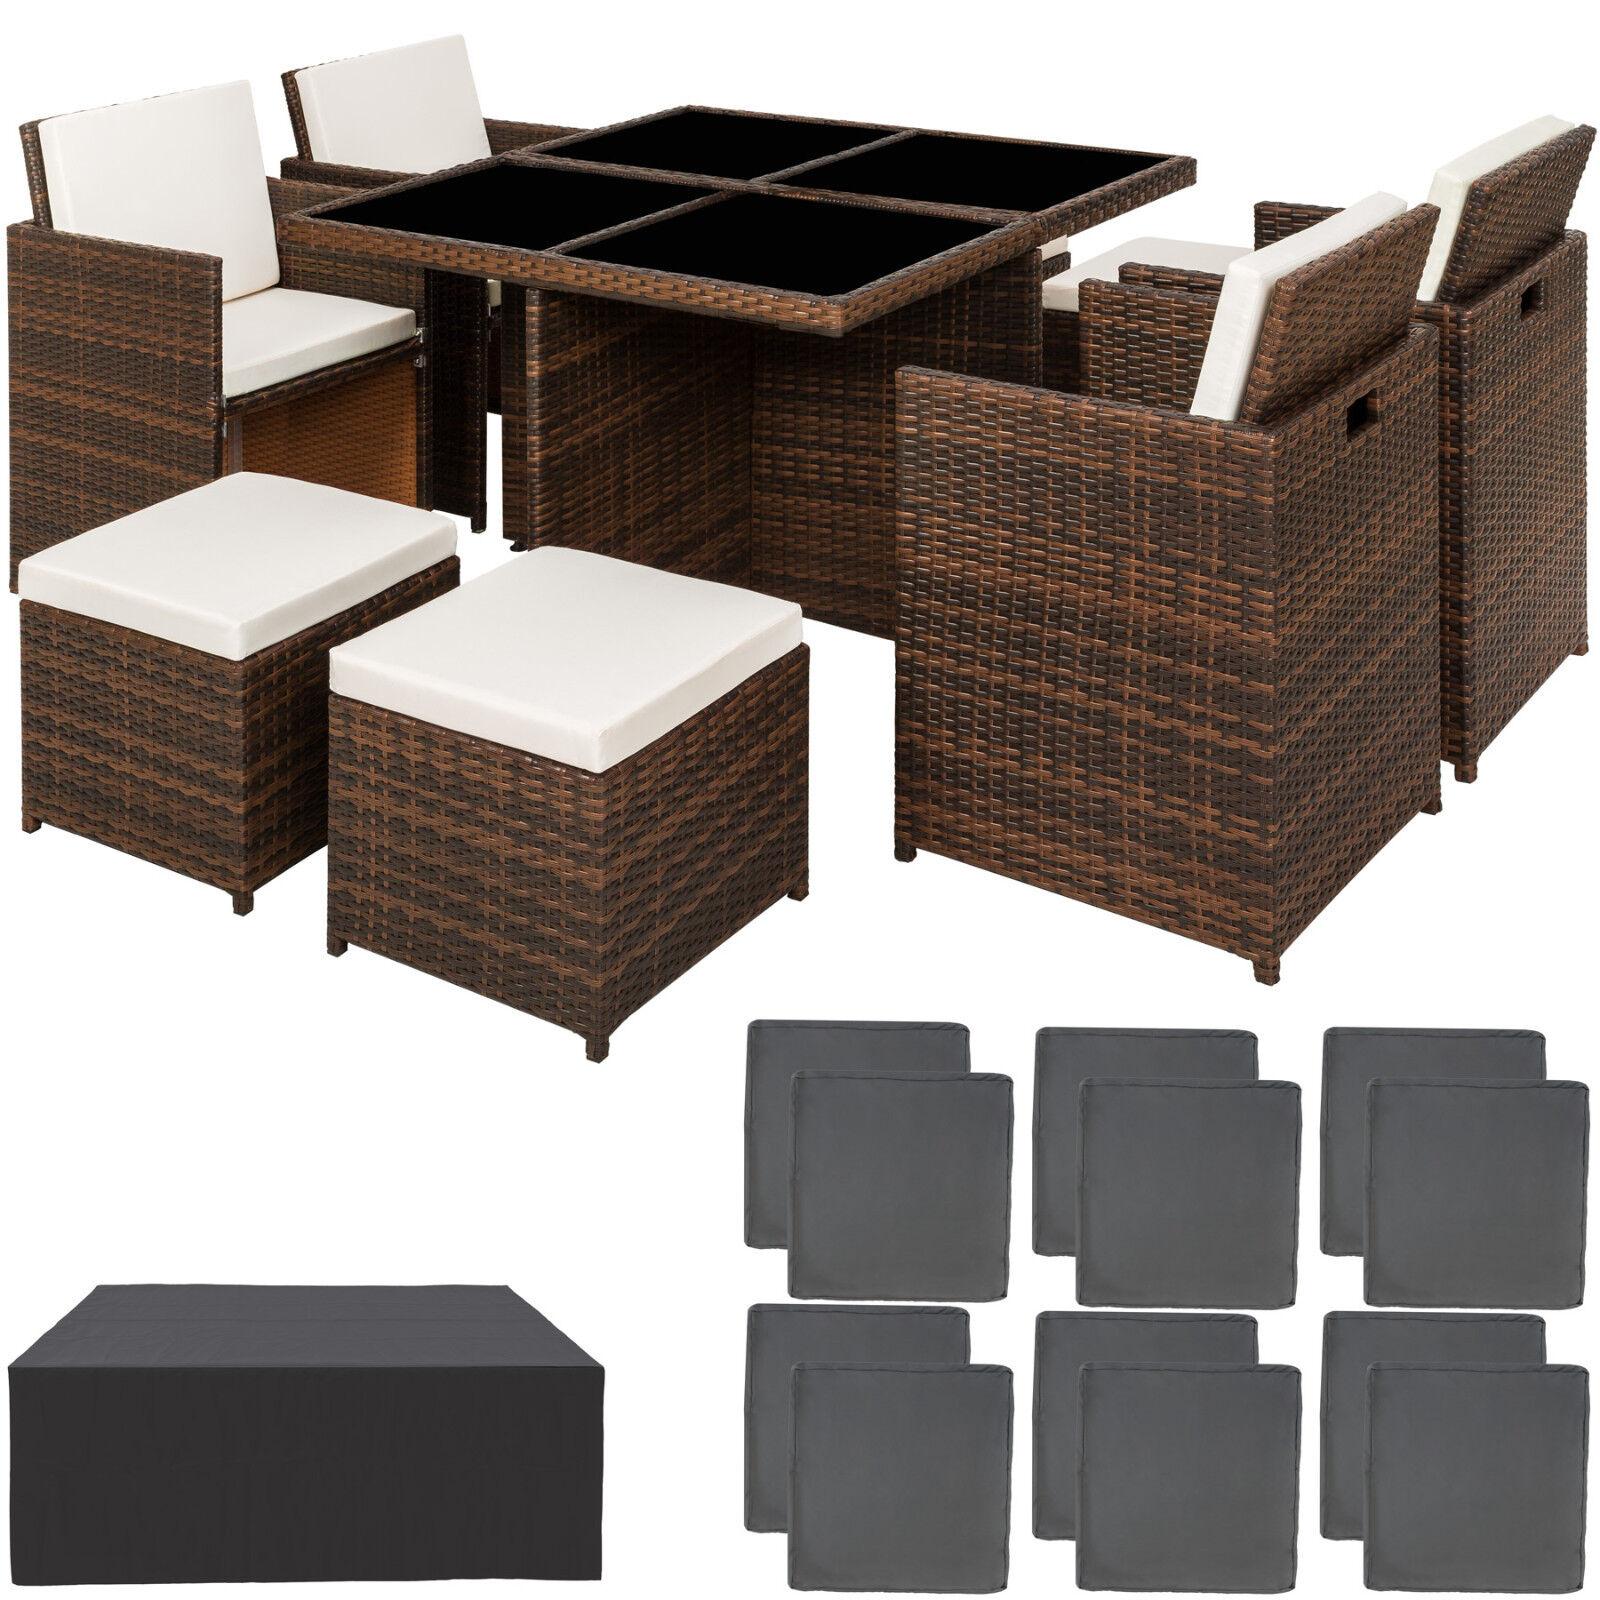 Conjunto muebles de jardín aluminio ratán sintético sillas taburetes mesa